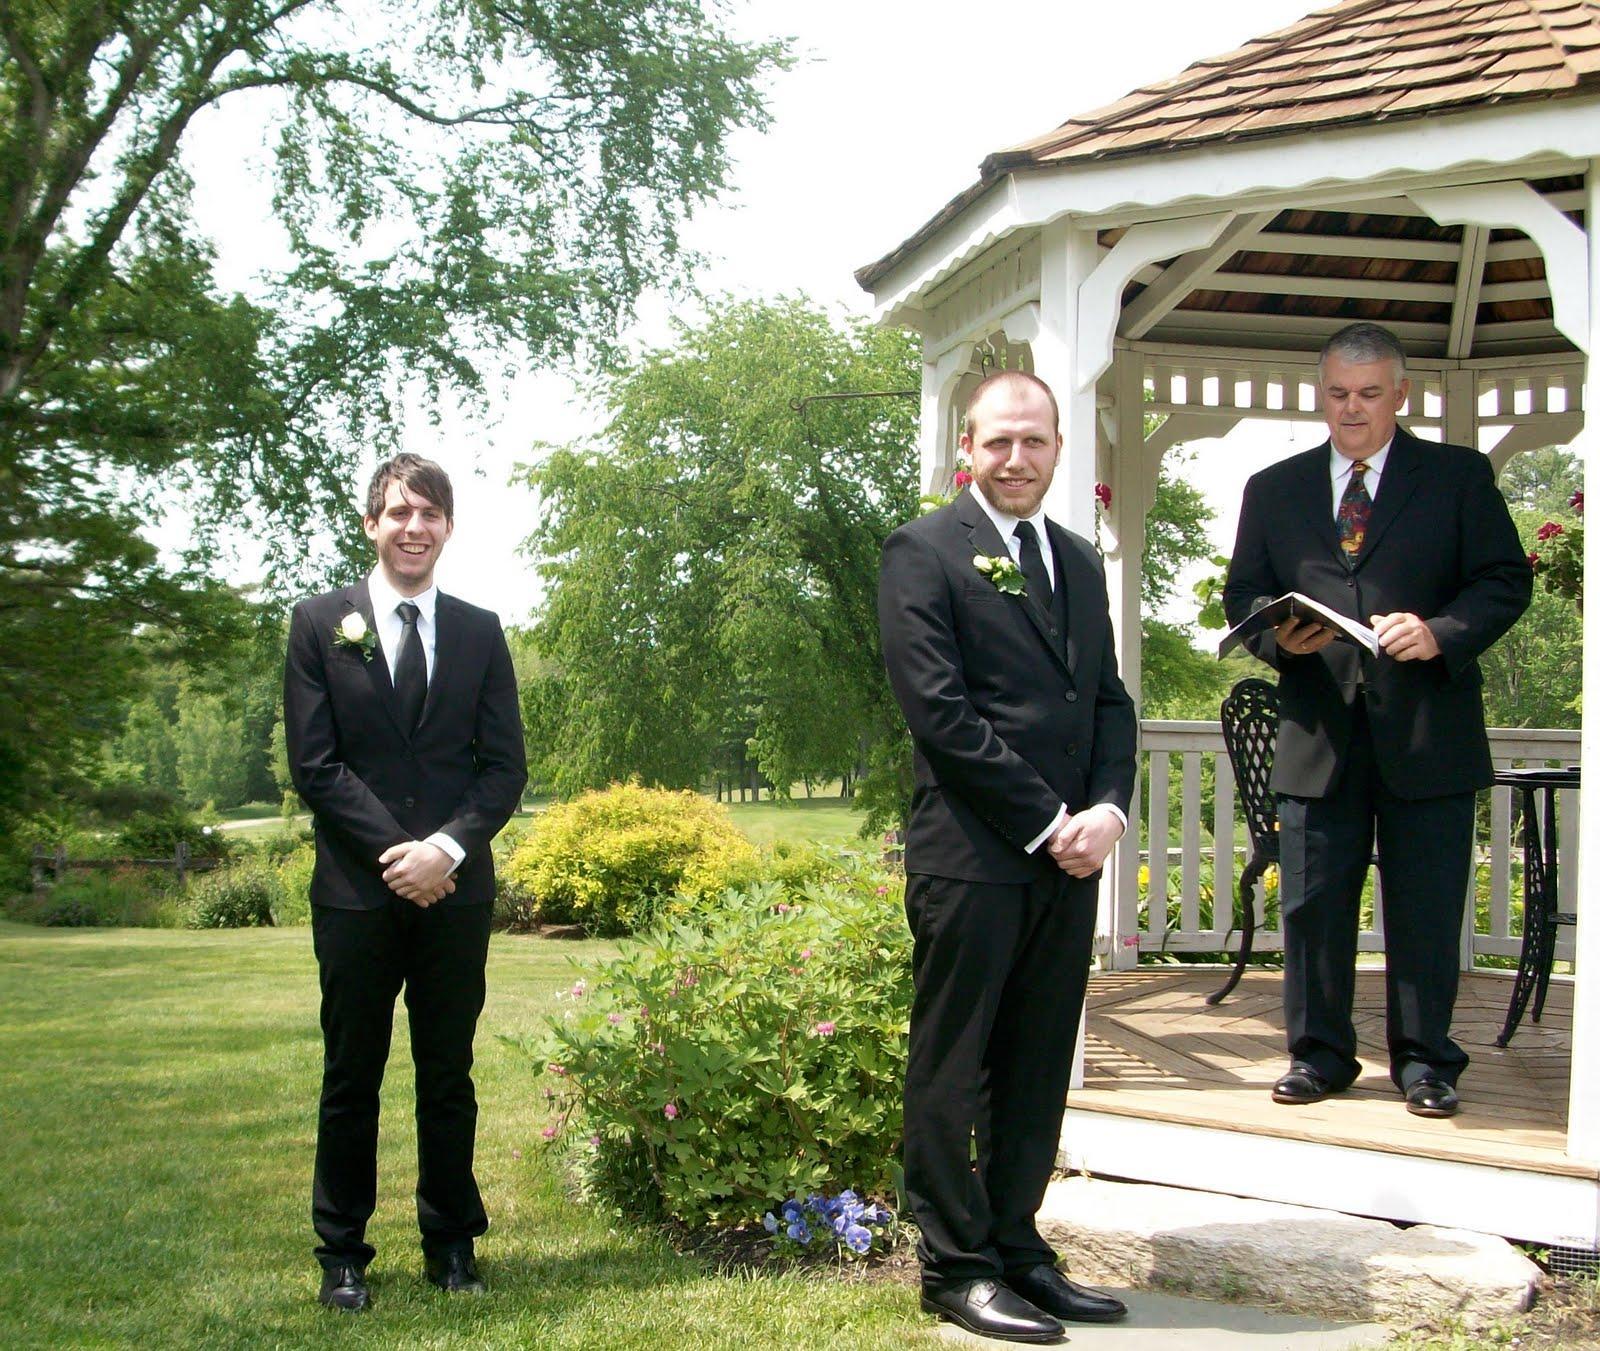 non altar weddings